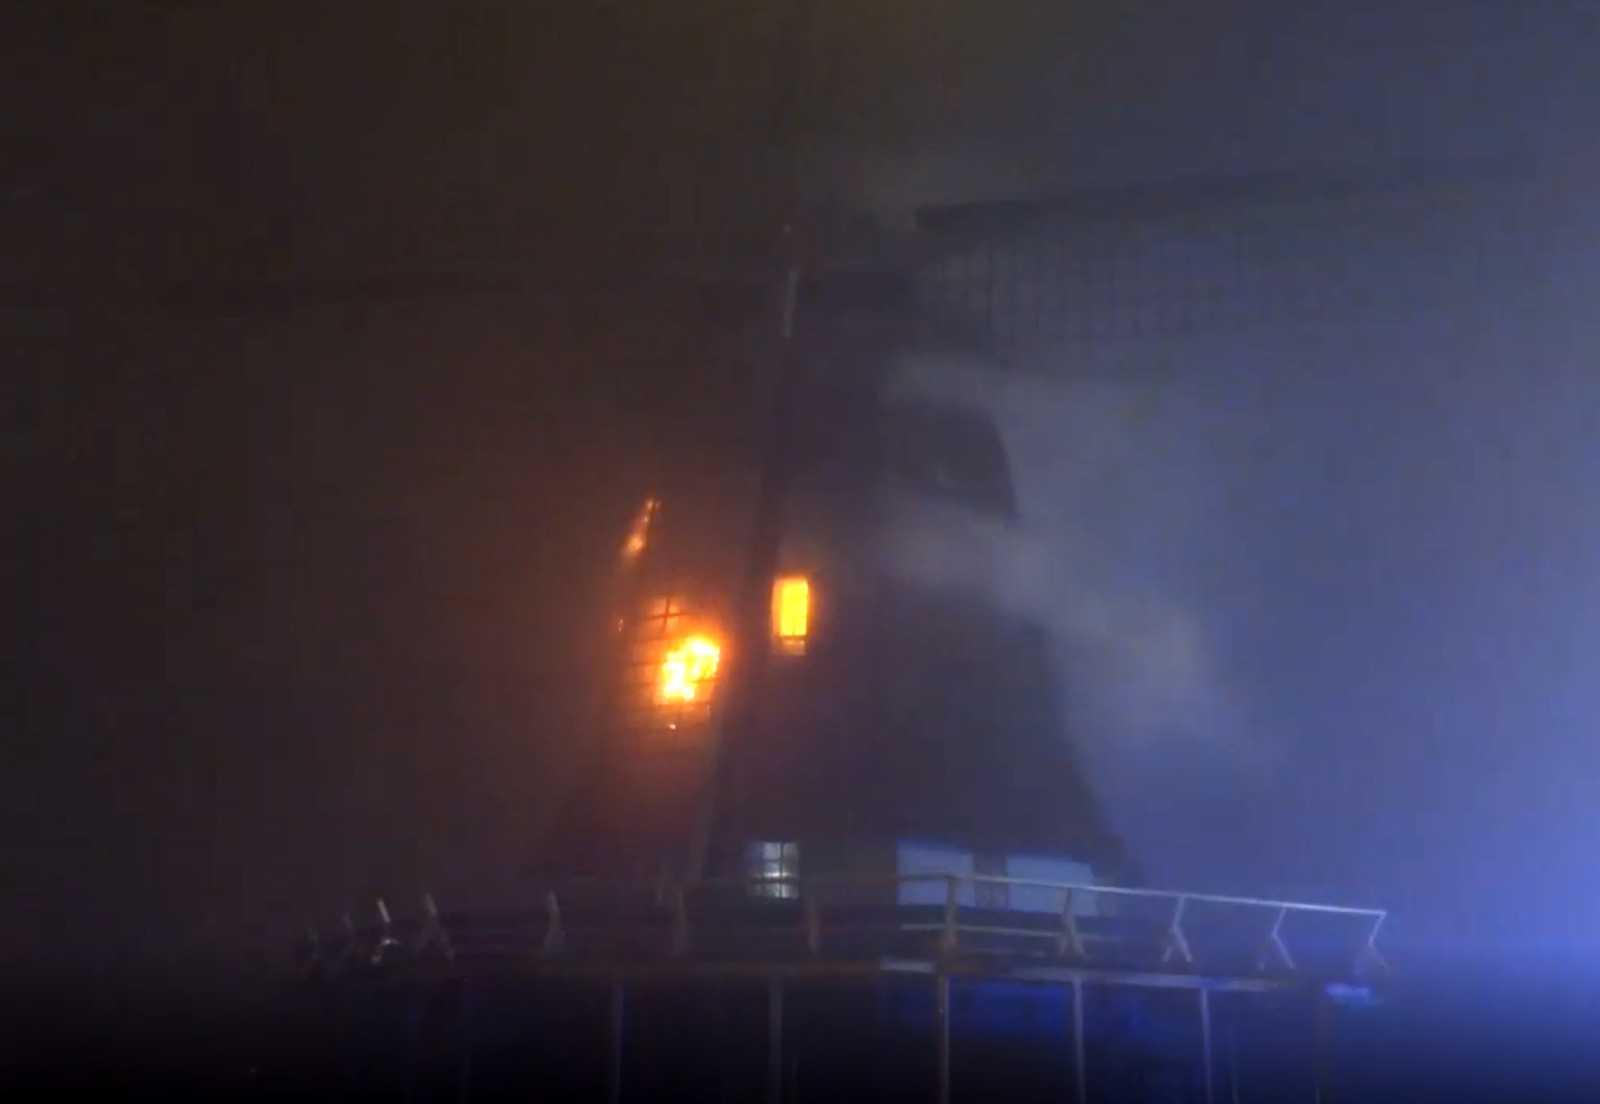 Ветряная мельница в Бовенкарспеле. Кадр из видео NOS.